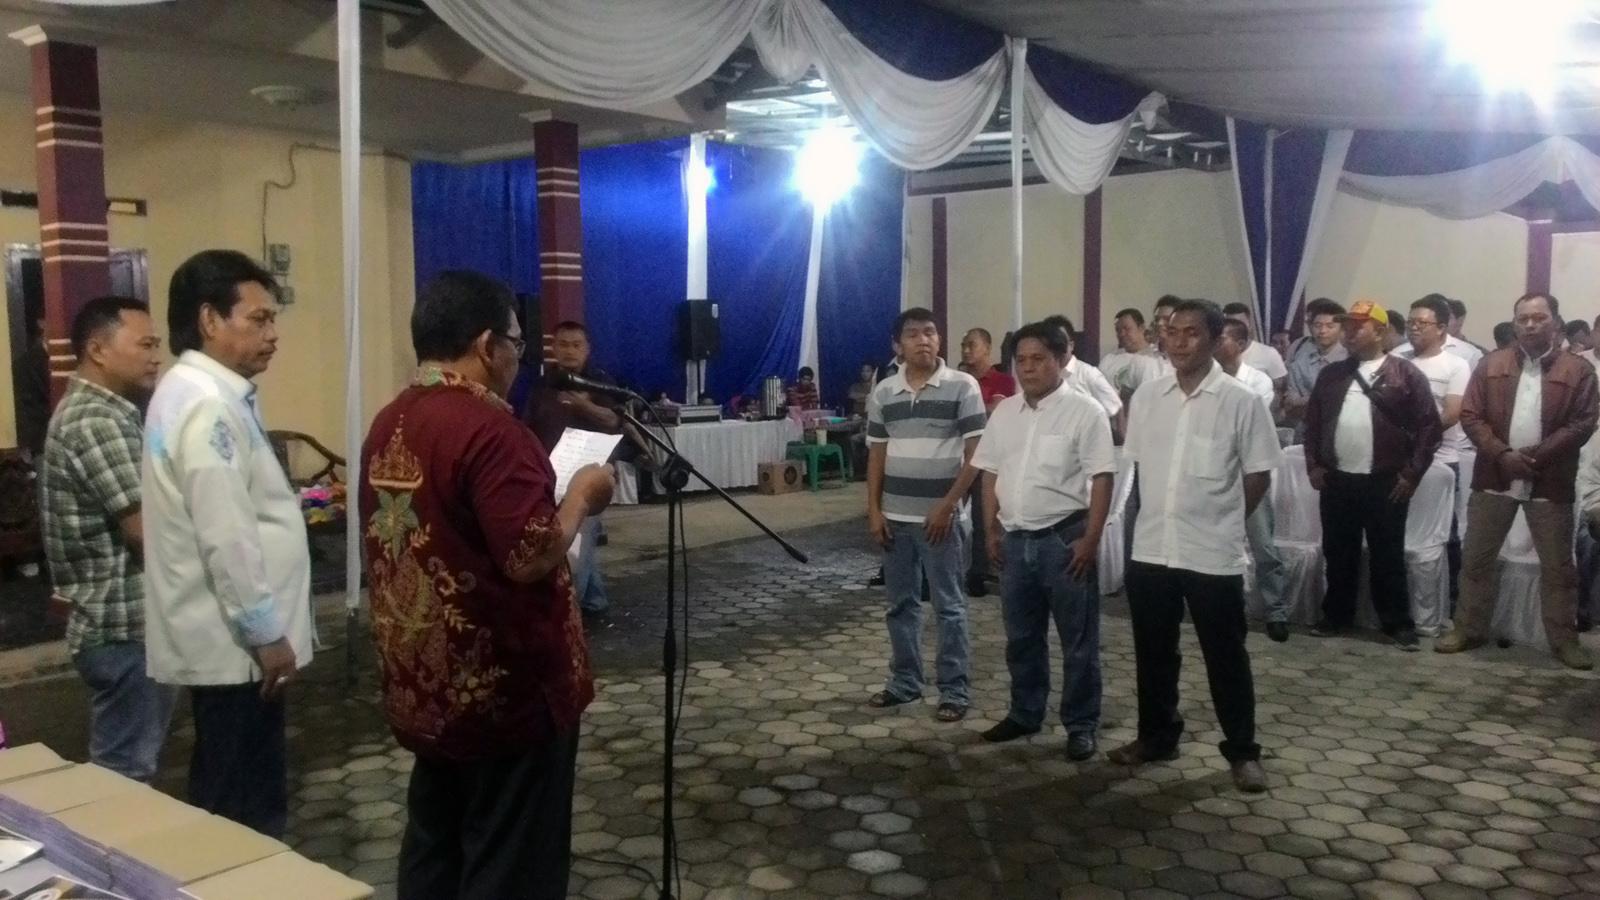 Pengukuhan Asosiasi Suplier Kopi Lampung (ASKL) Sabtu (8/4) malam. (Lampungnews/Davit)